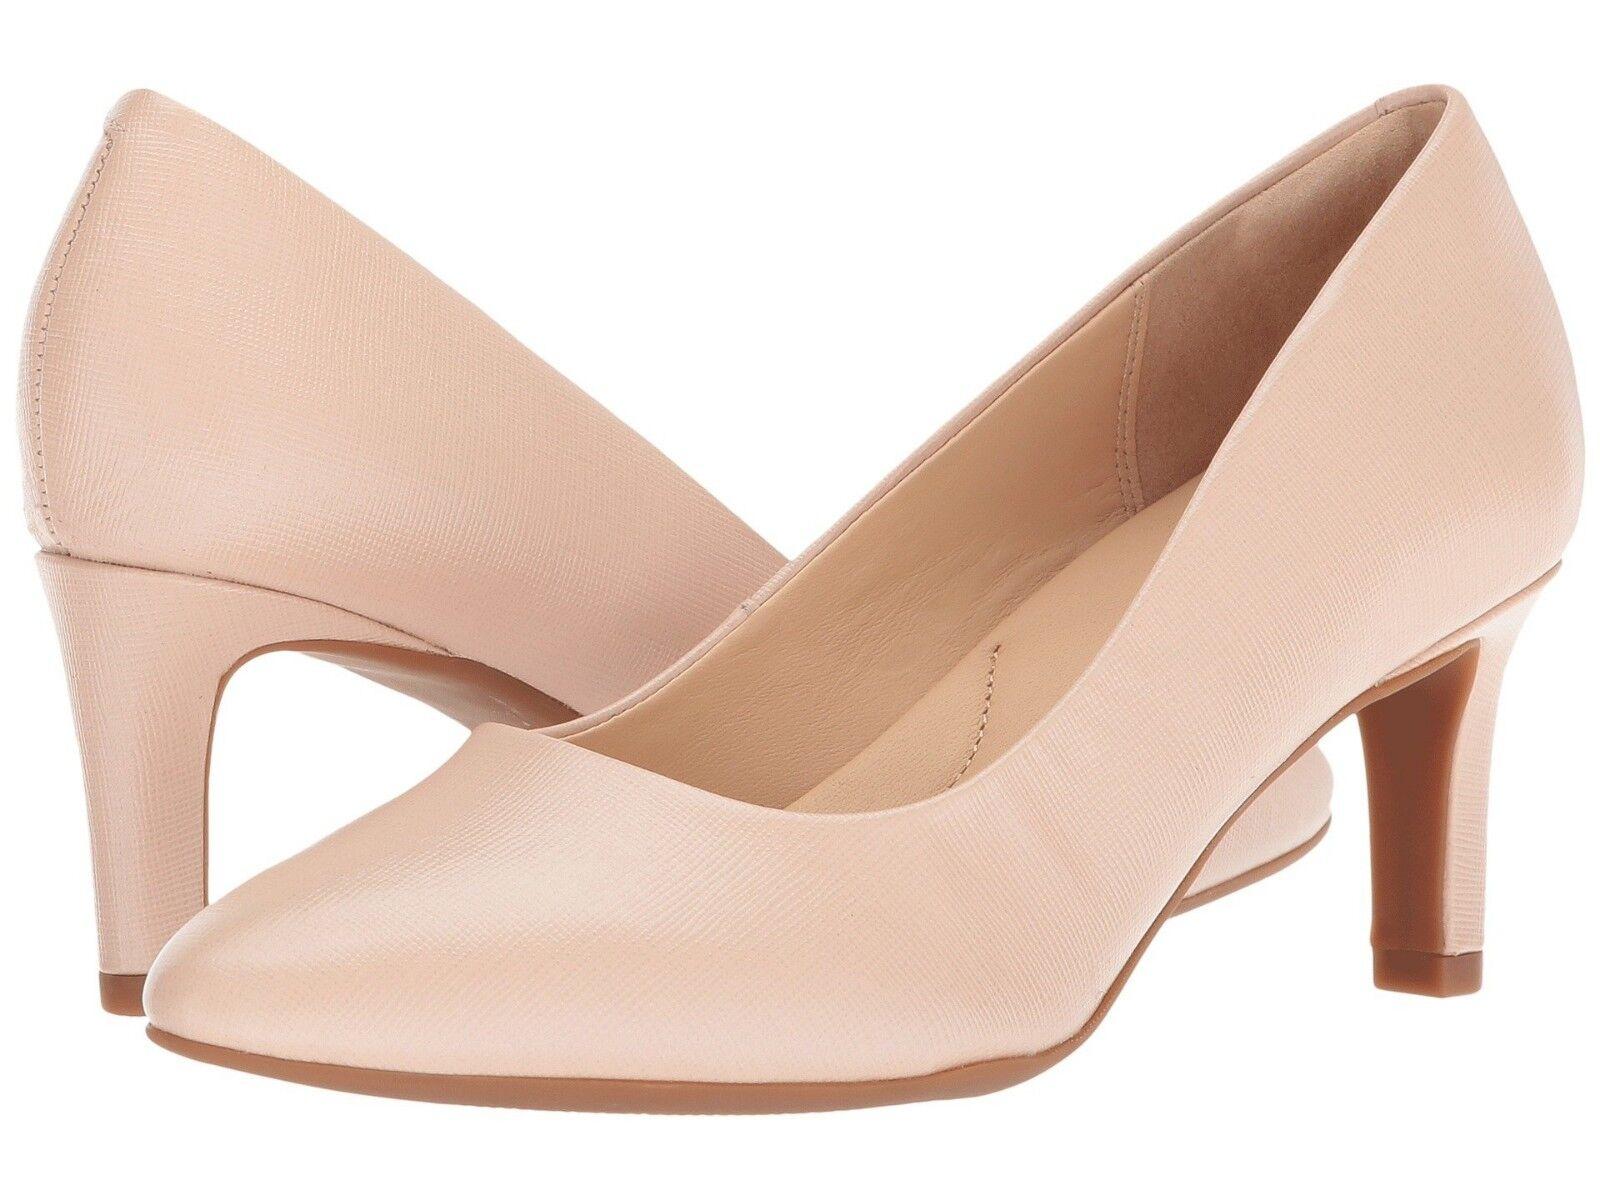 Negozio 2018 Donna    scarpe Clarks CALLA rosa Leather Closed Toe Pump 31856 Cream New  preferenziale